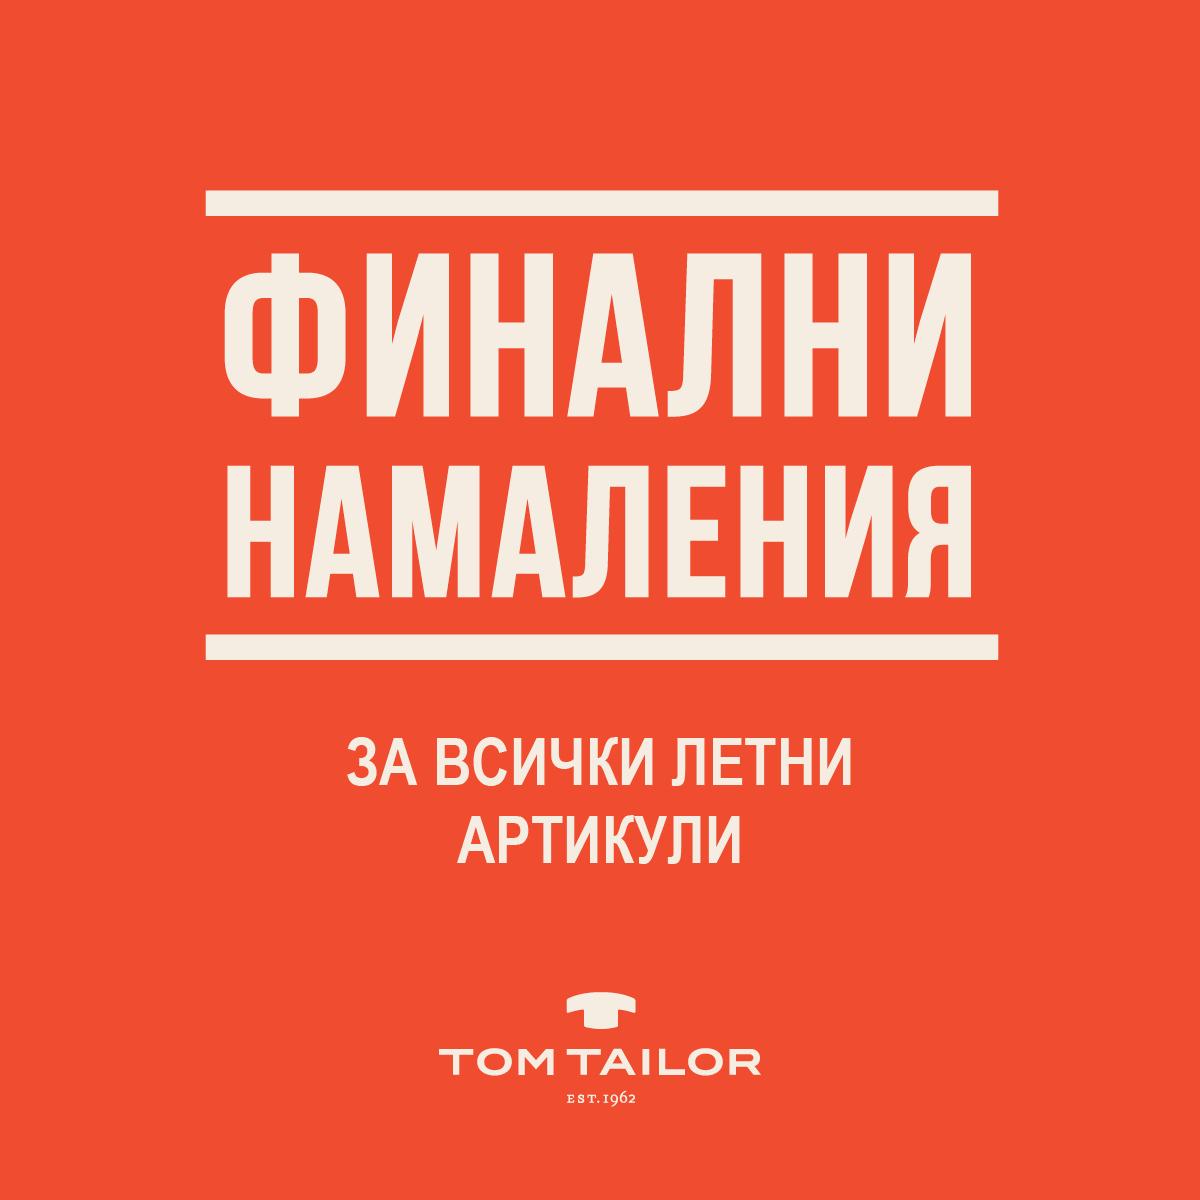 Финално намаление в Tom Tailor